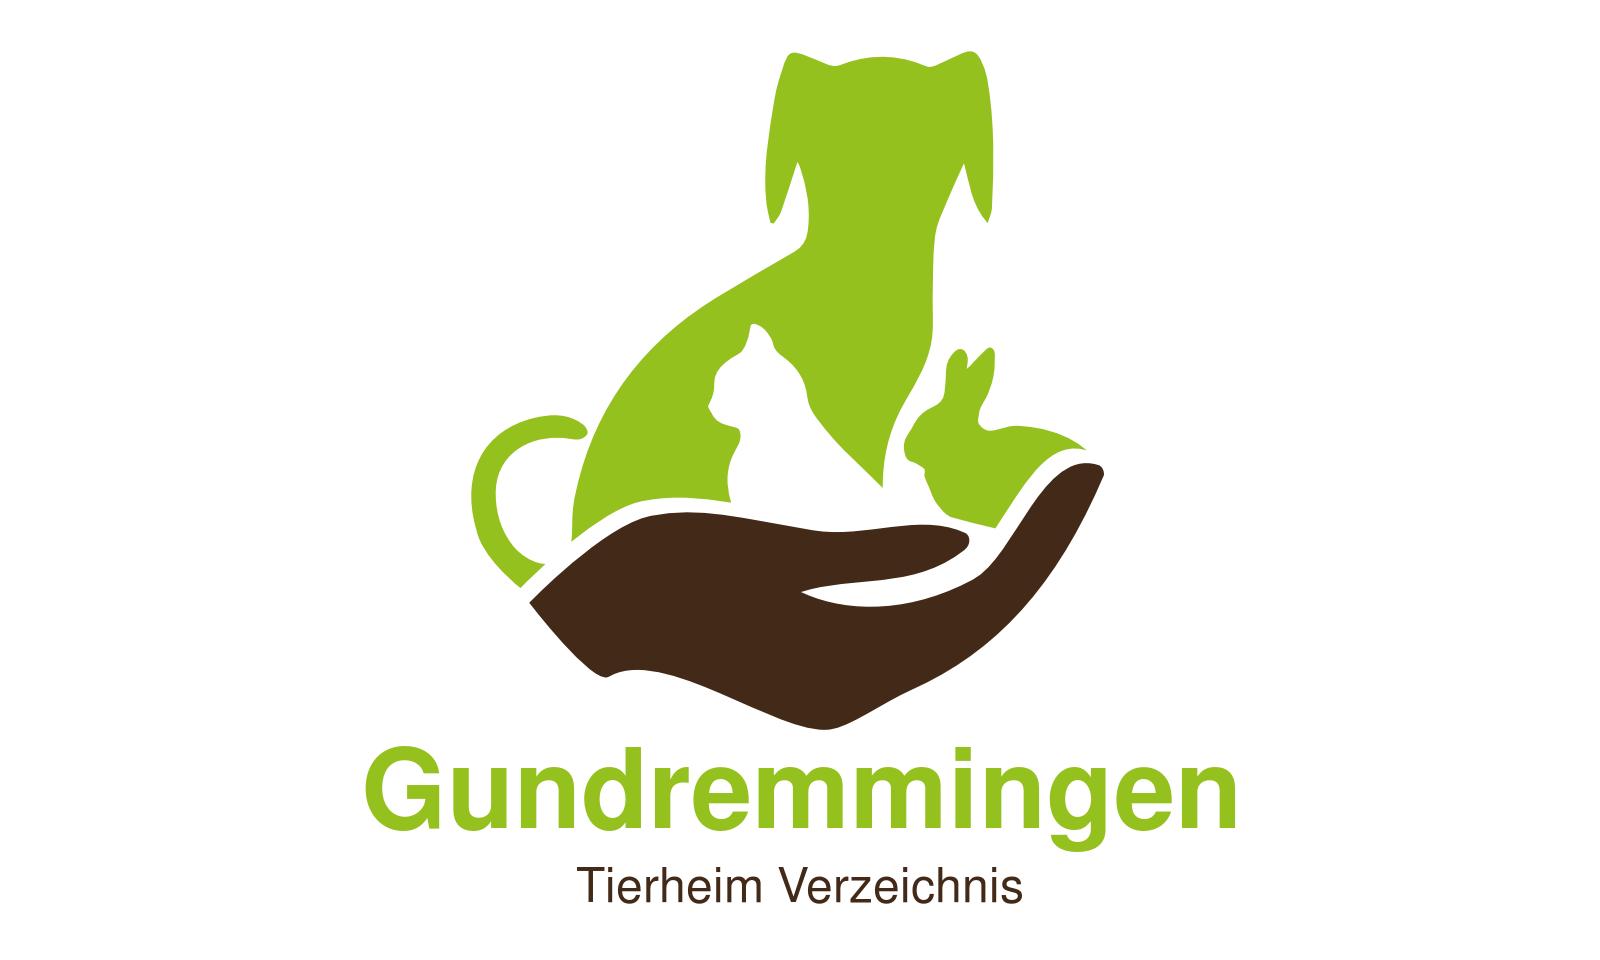 Tierheim Gundremmingen